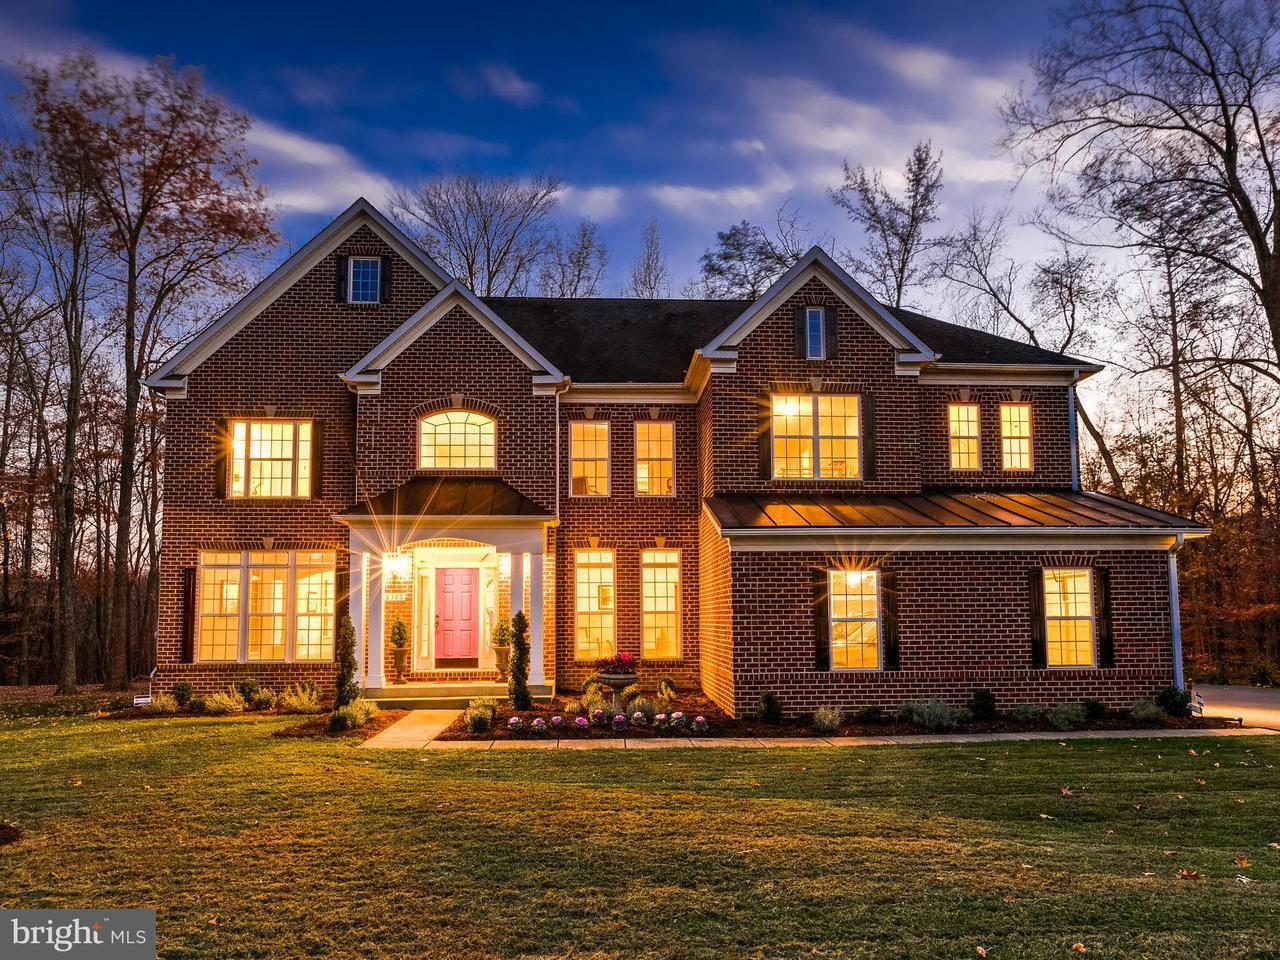 Частный односемейный дом для того Продажа на 6300 THETFORD Place 6300 THETFORD Place Port Tobacco, Мэриленд 20677 Соединенные Штаты